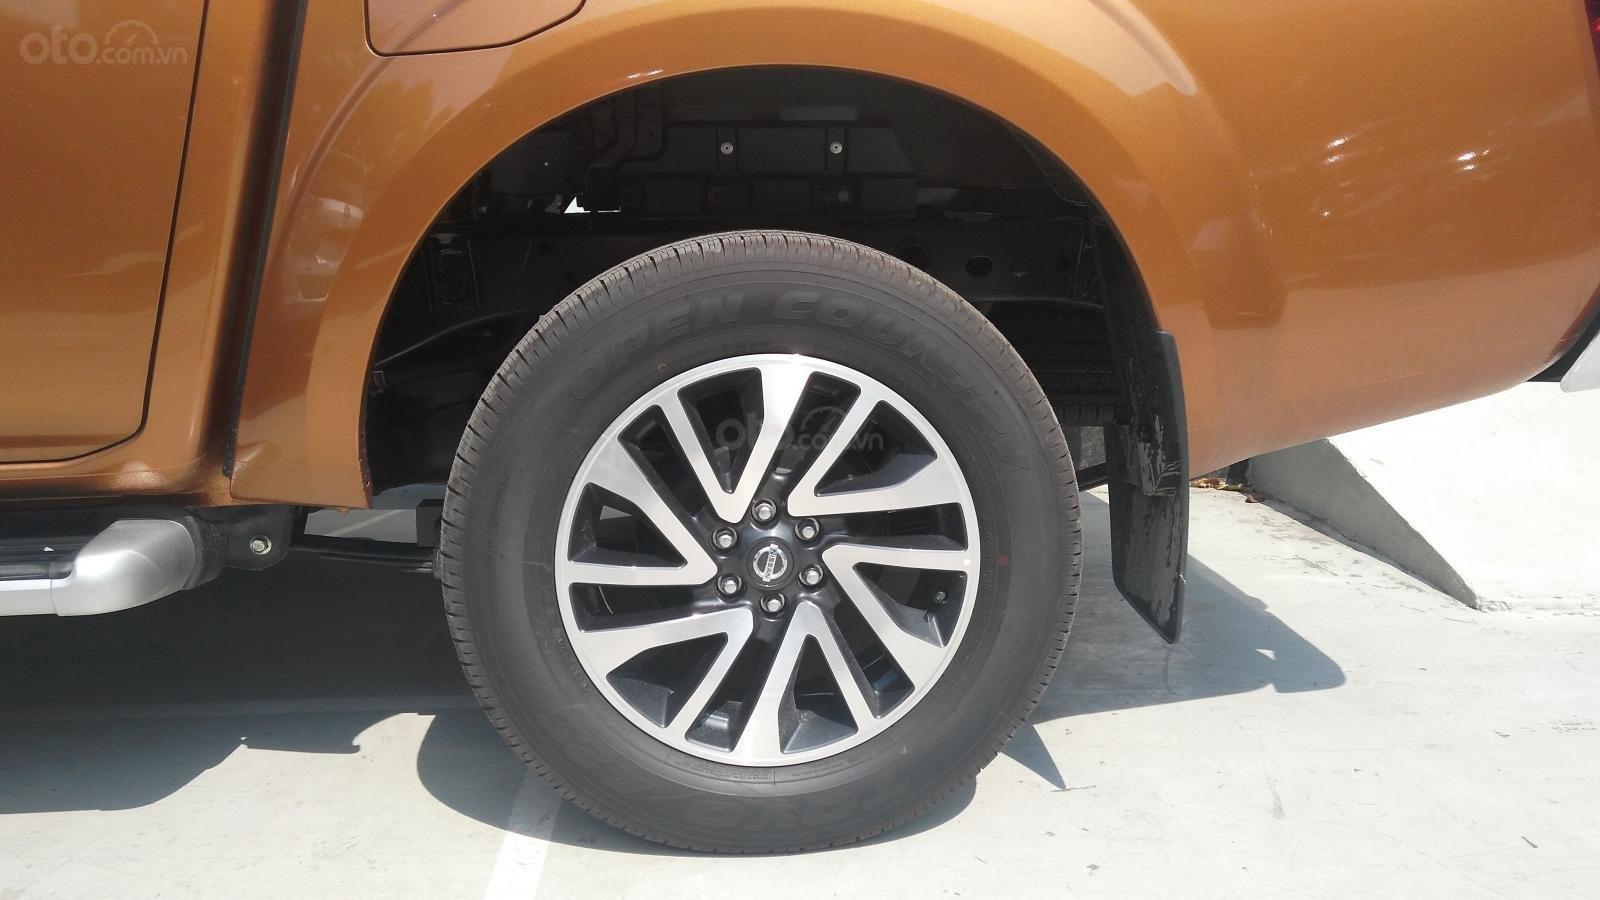 Xe Thái Lan - Nissan Navara 2021 A-IVI, tặng bảo hành 5 năm + film cách nhiệt chính hãng theo xe (6)